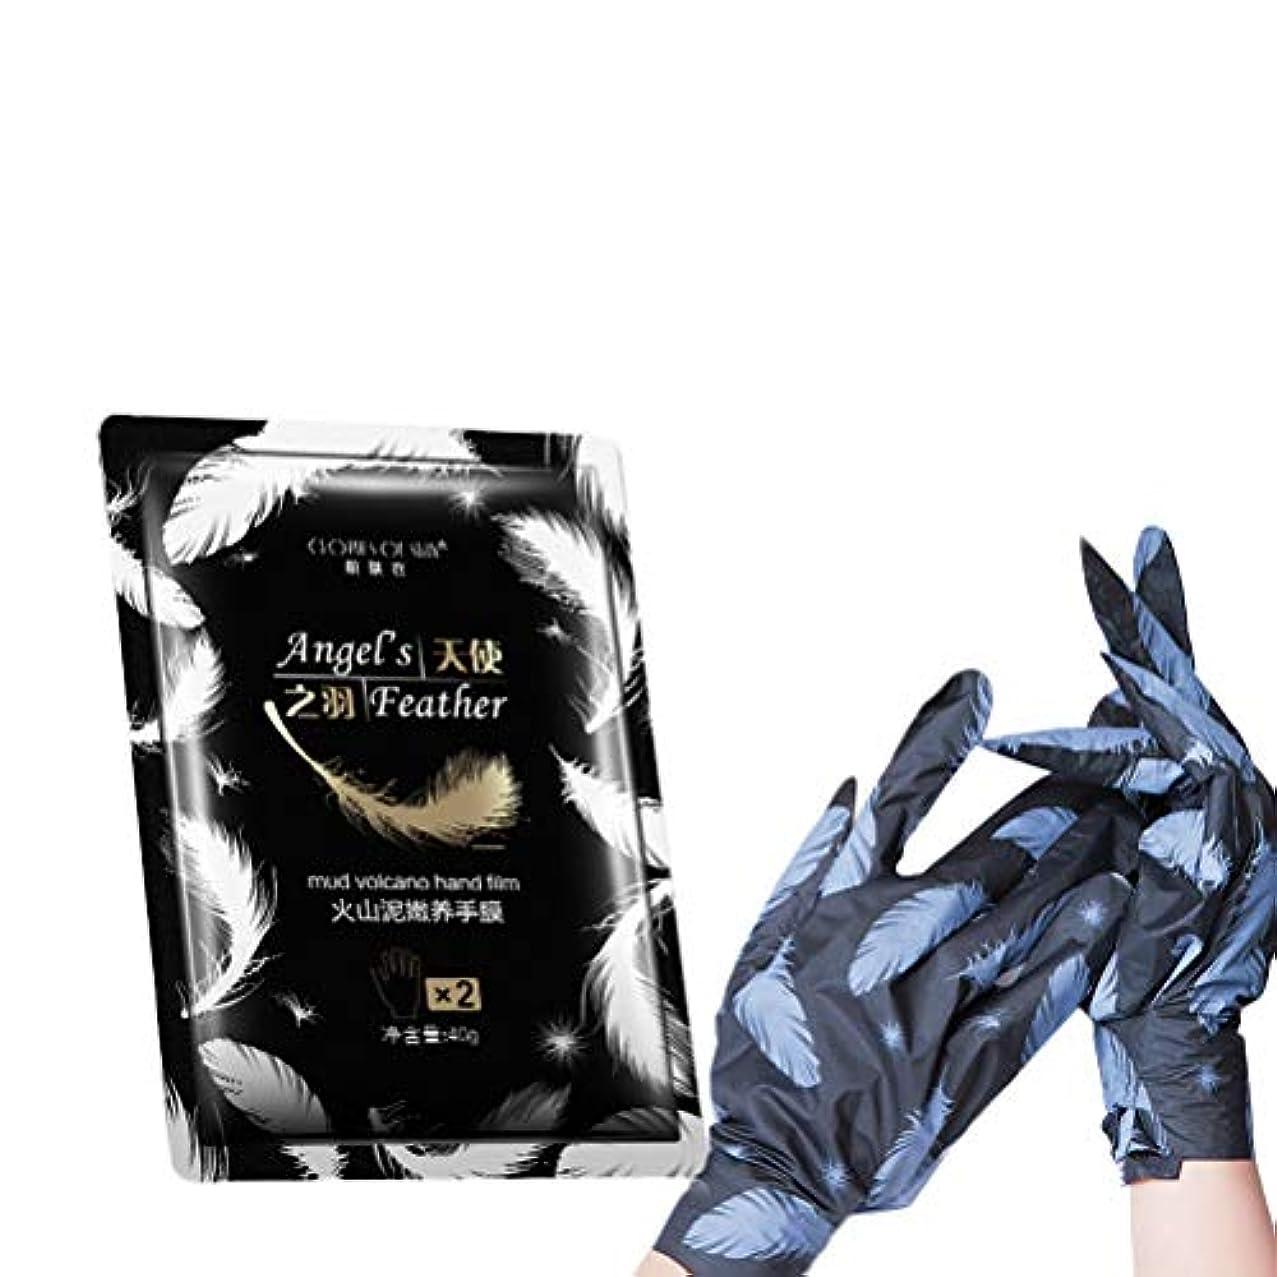 絶滅した最小化する厄介なHealifty ハンドマスク保湿1対の火山泥ハンドマスクホワイトニング剥離ハンドスパマスクキューティクル取り外し手袋